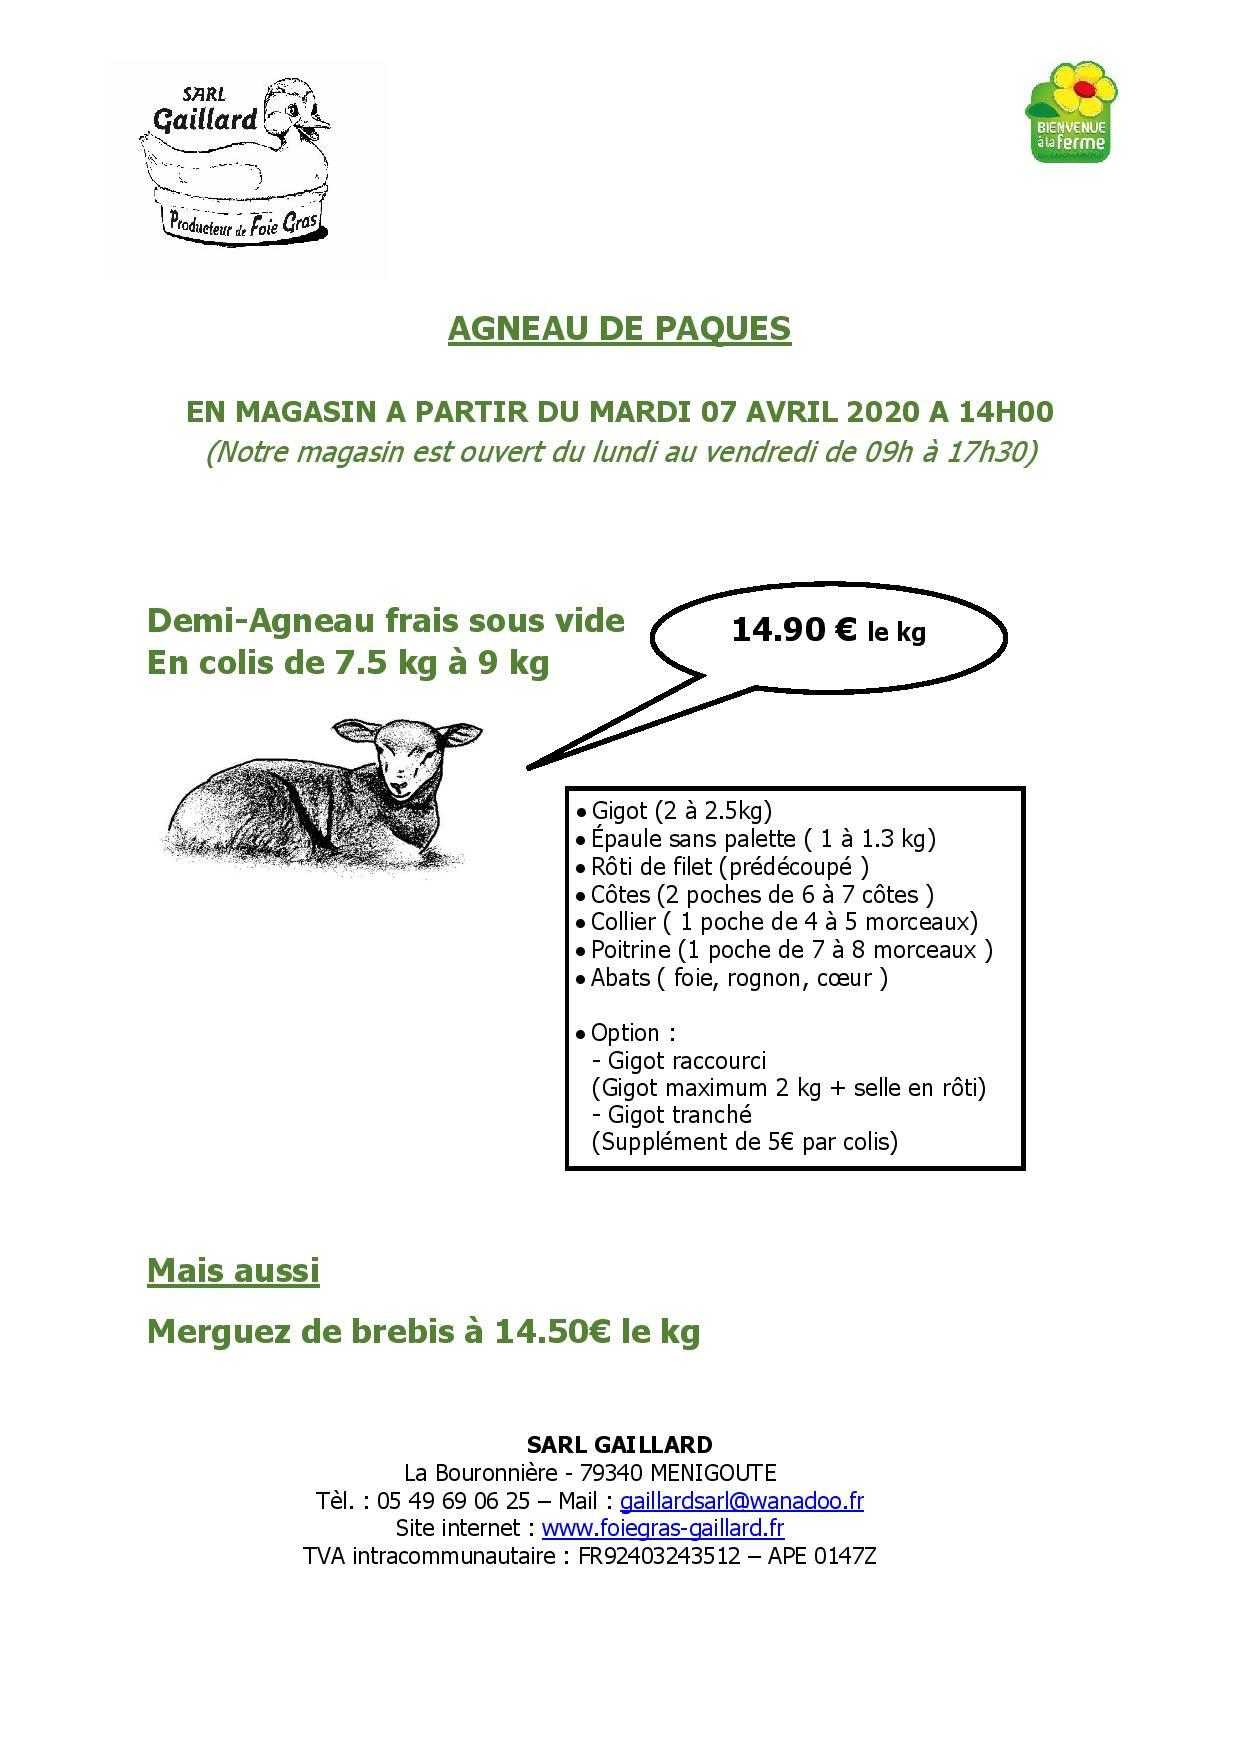 AGNEAU DE PAQUES